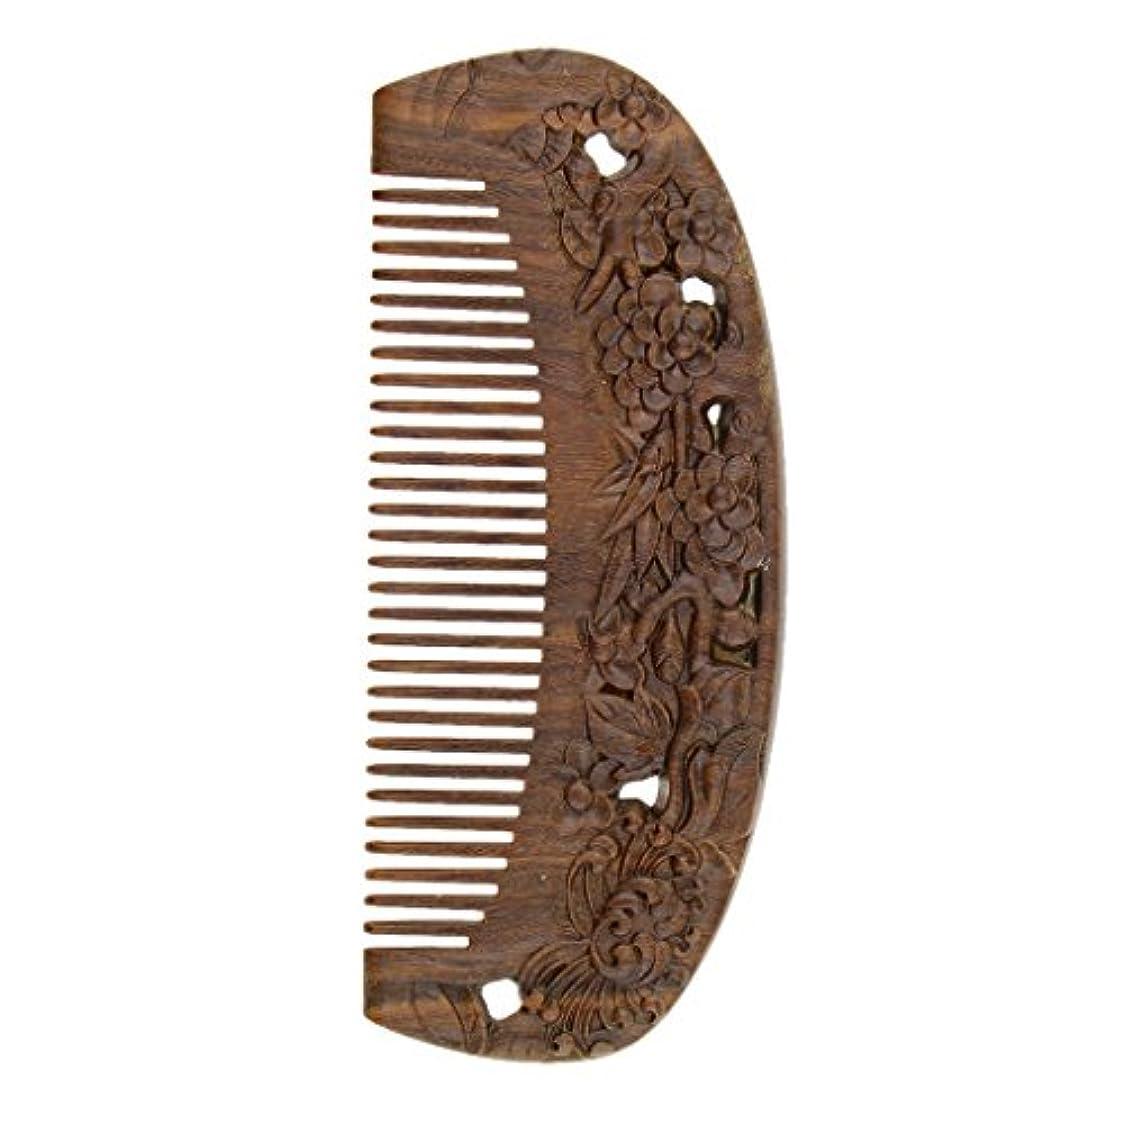 六分儀ワイヤー電卓DYNWAVE ヘアスタイリング 木製コーム ウッドコーム ワイド歯 頭皮マッサージ ヘアブラシ 全2種類 - #2